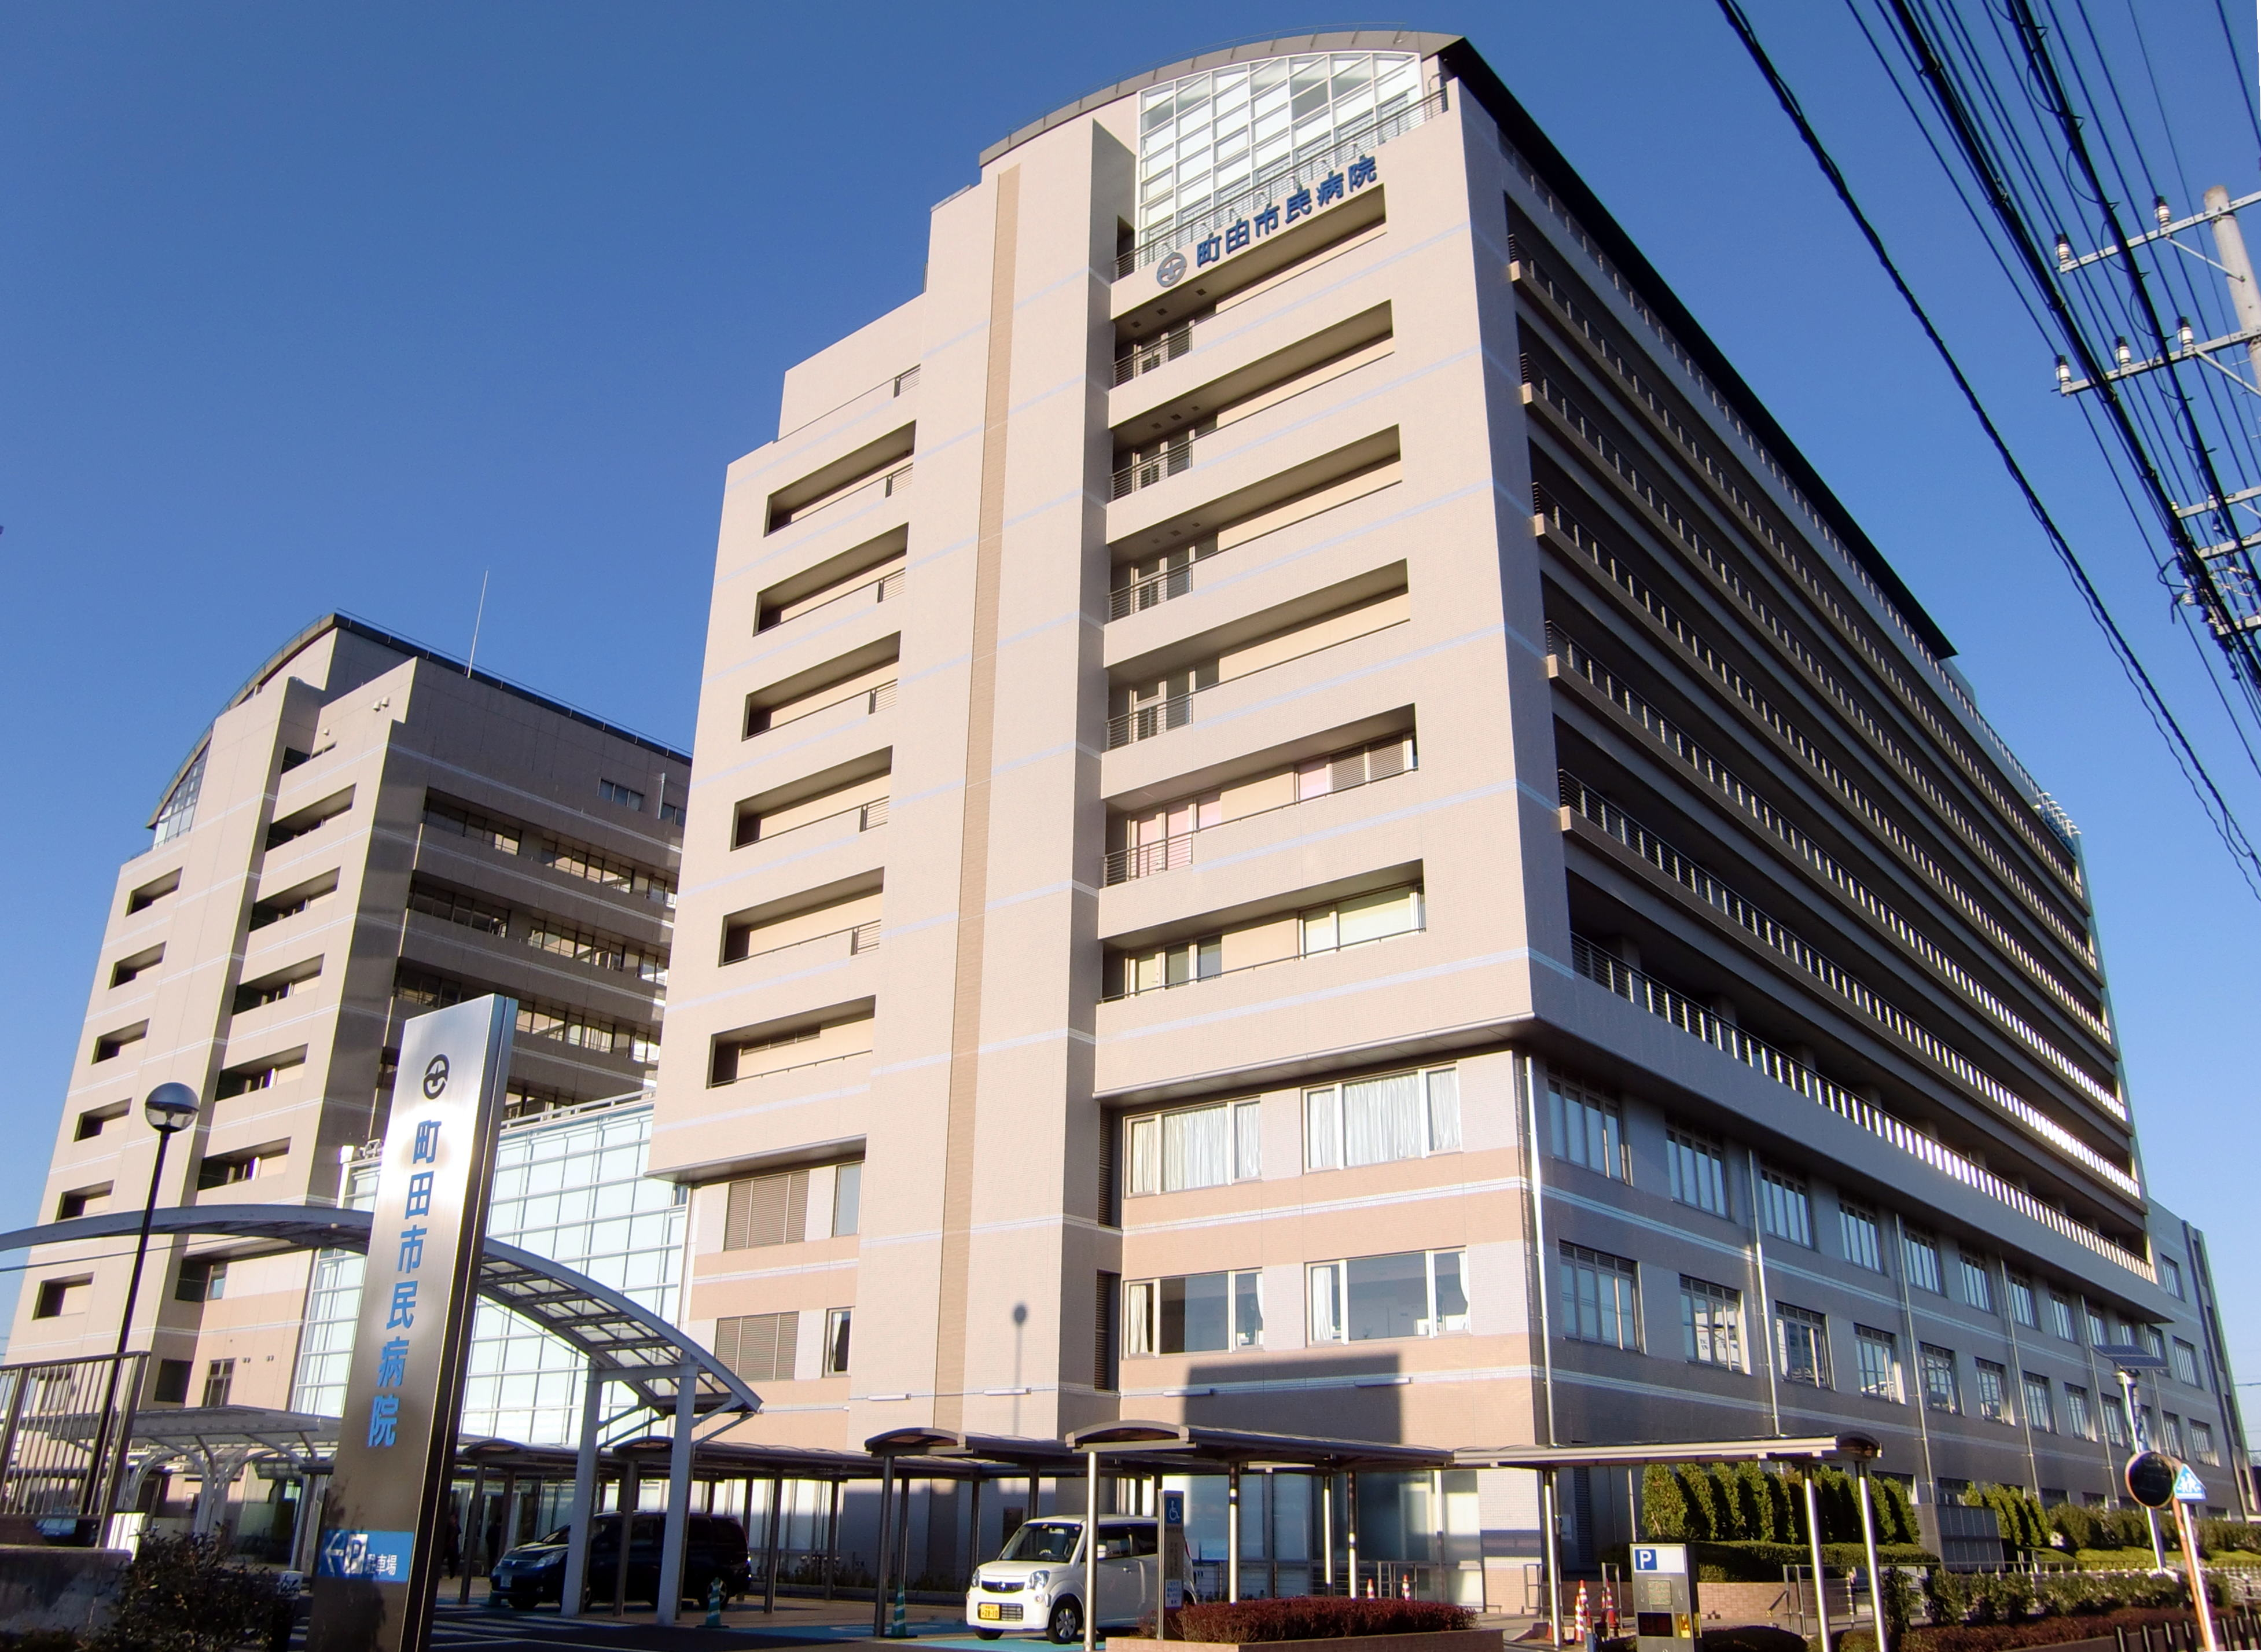 町田市民病院 - Wikipedia